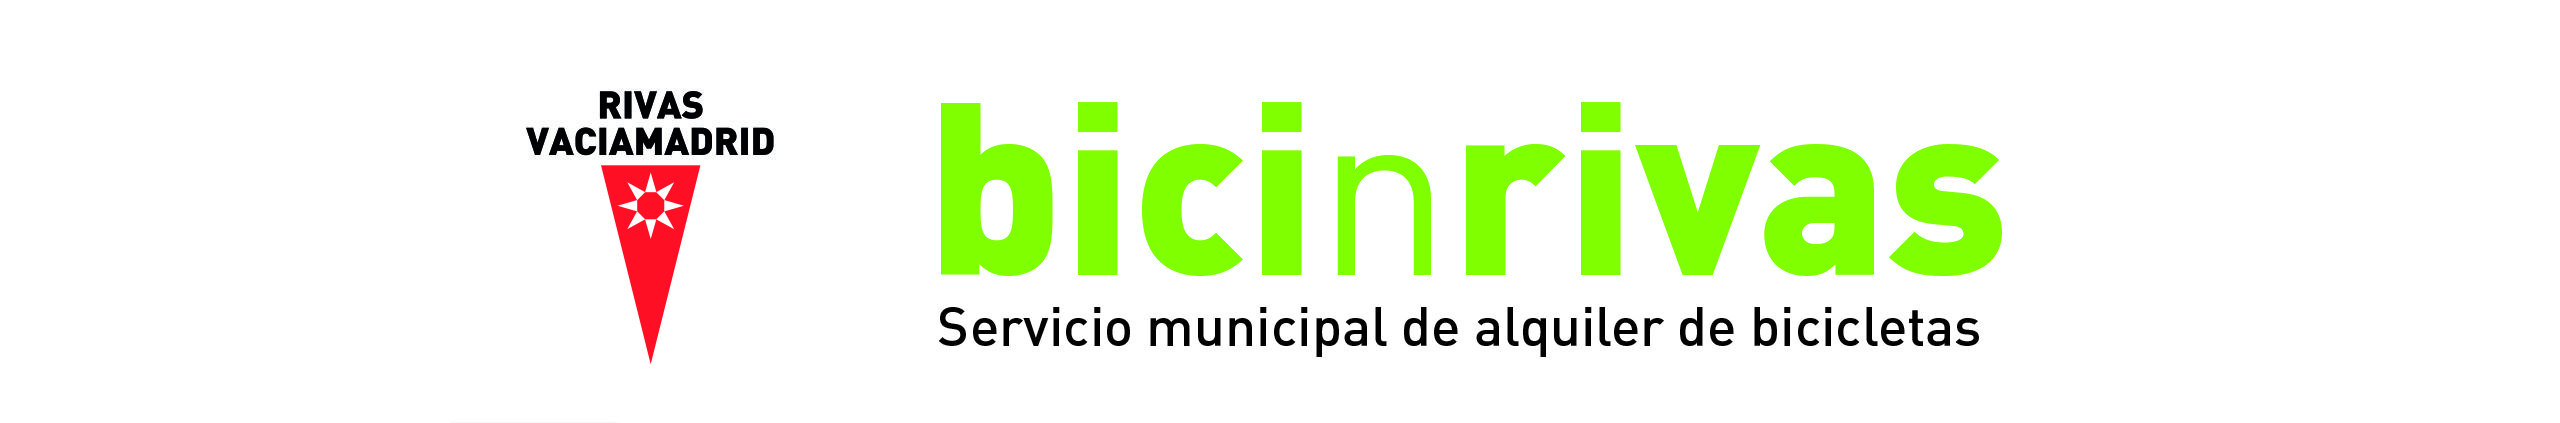 BICINRIVAS - Ayuntamiento de Rivas Vaciamadrid